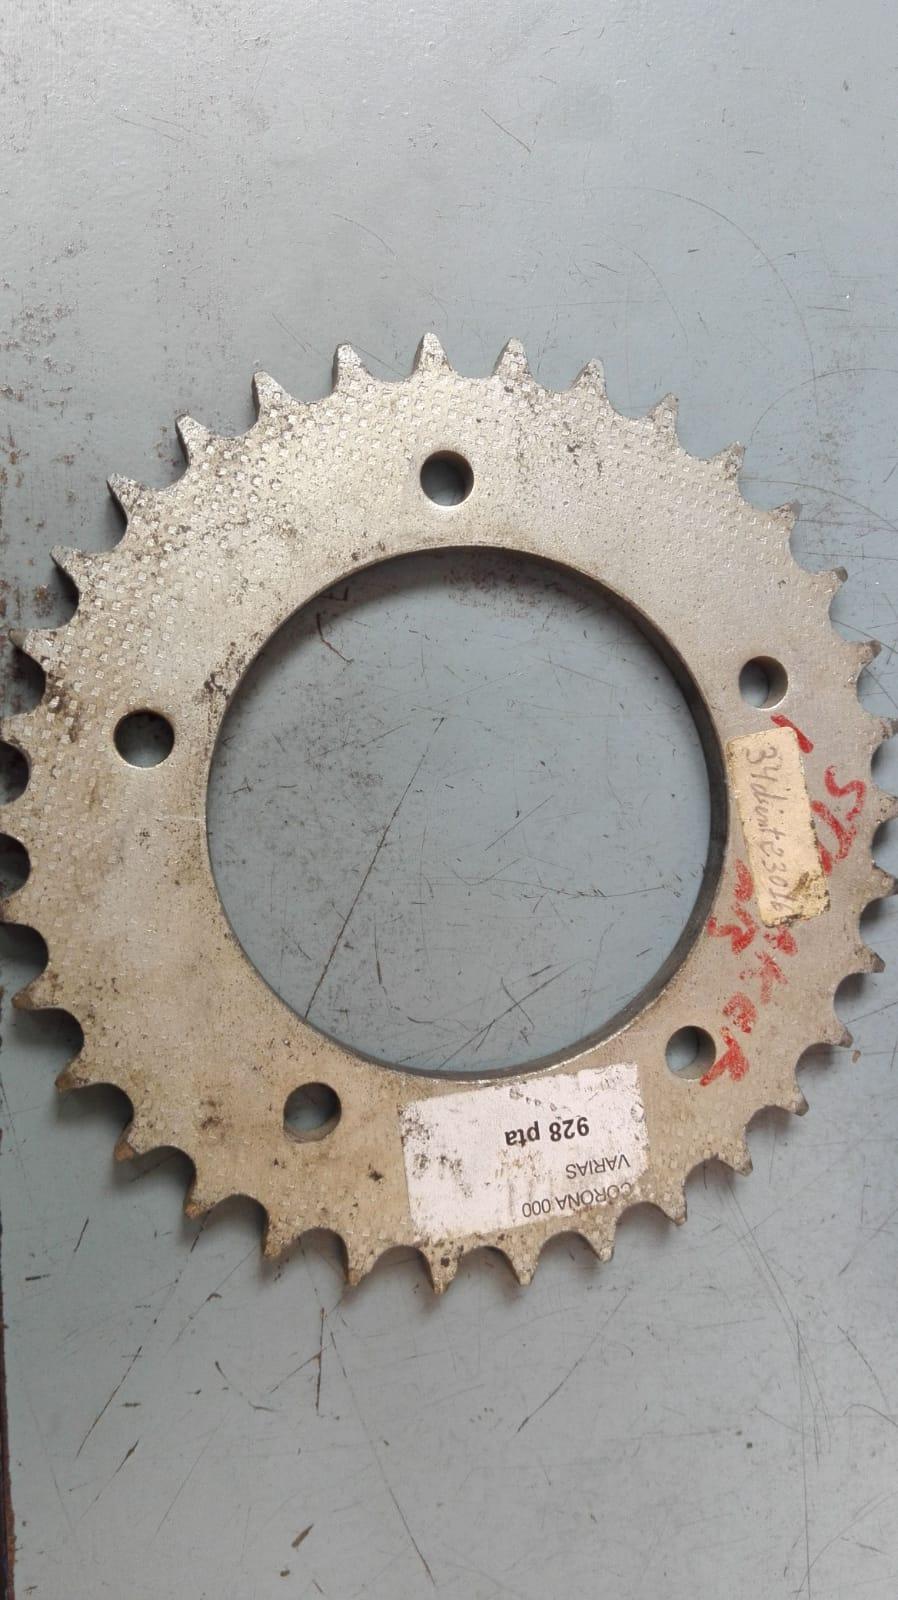 bultaco - Réplica Bultaco 50 MOTUL Carmona 1982 - Página 21 Unhr2810